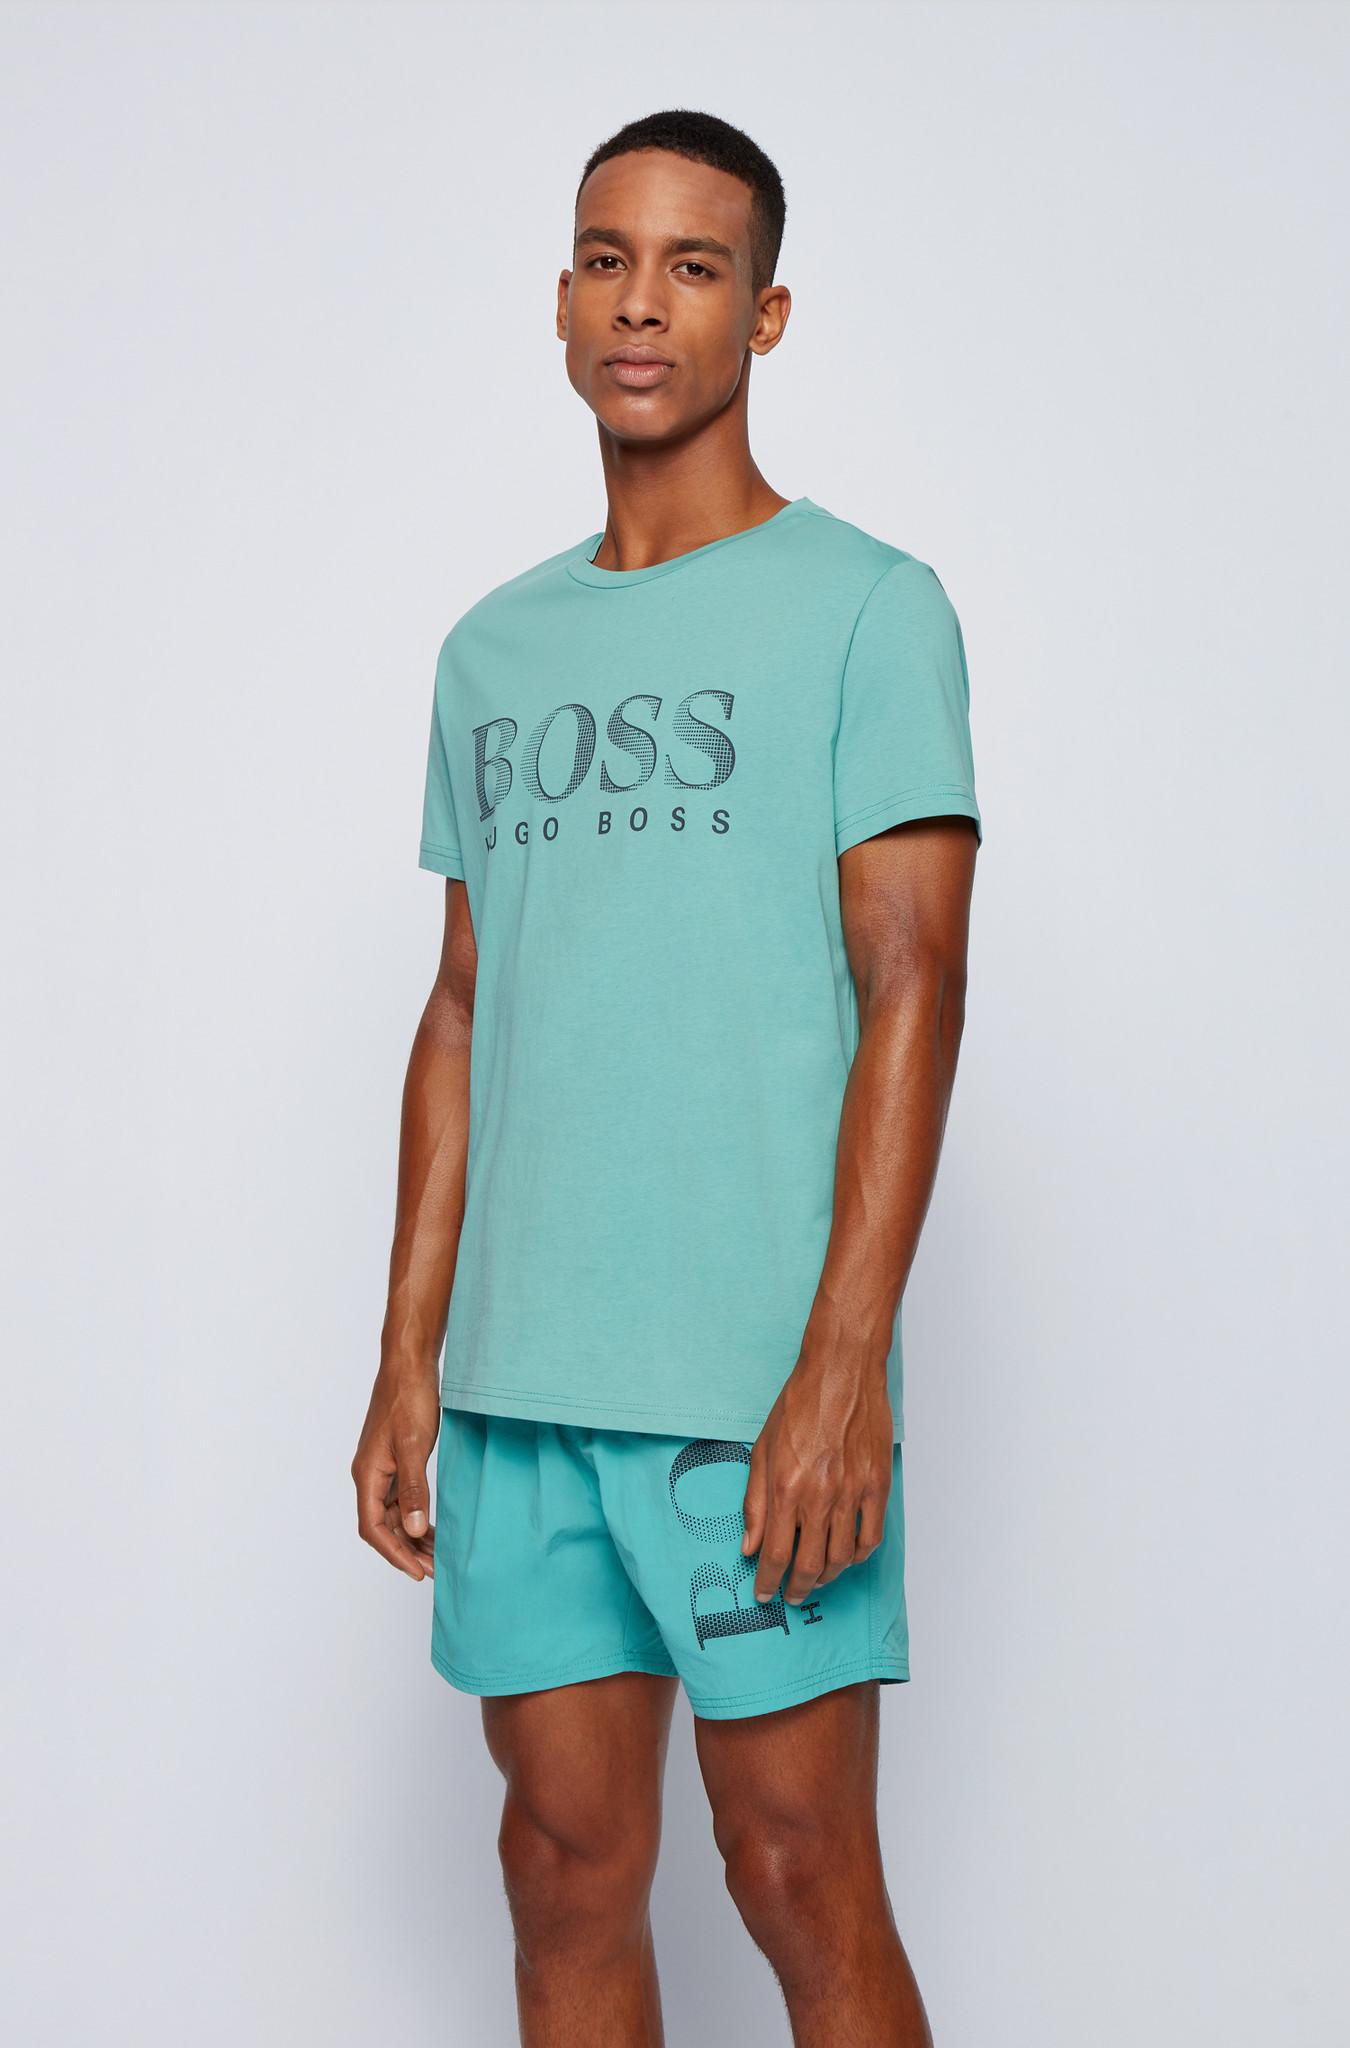 Hugo Boss T-shirt Hugo Boss 50407774-339